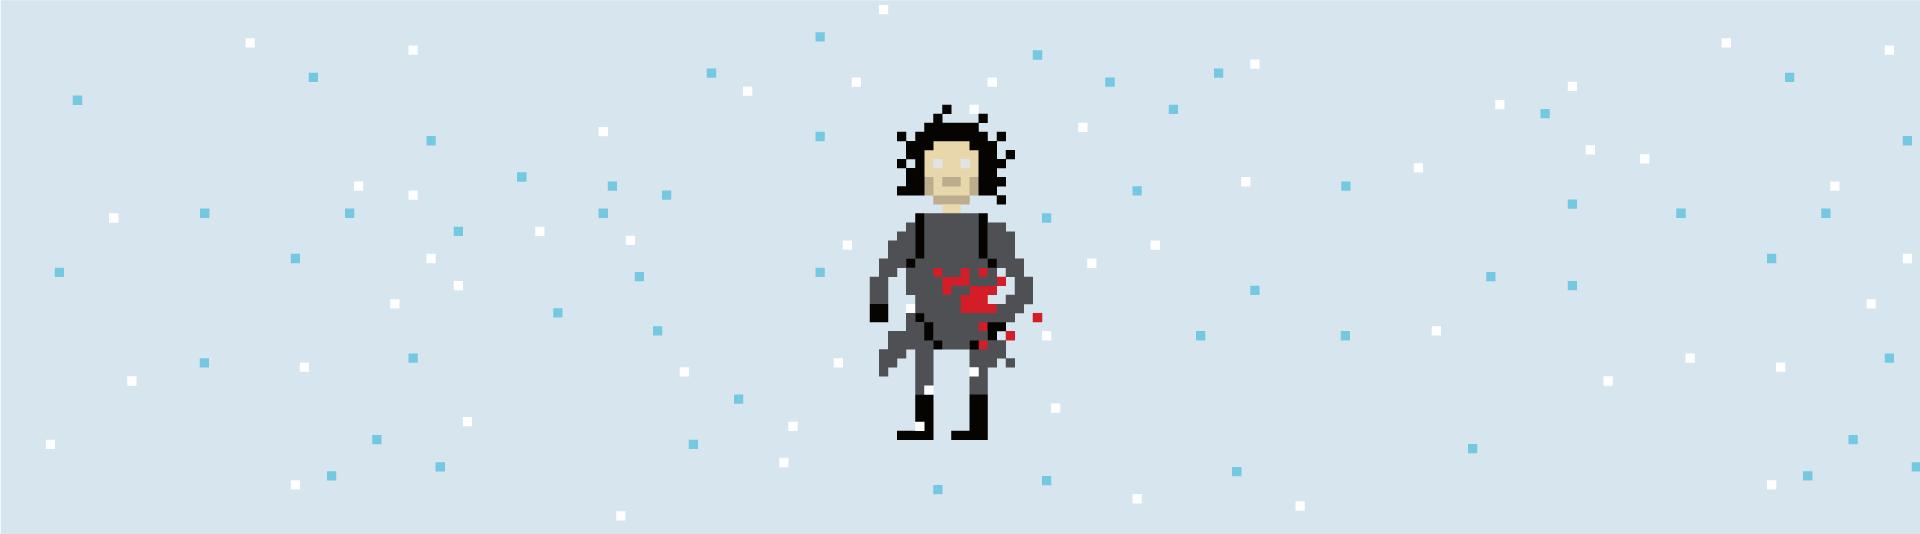 09_got_snow_dead_full